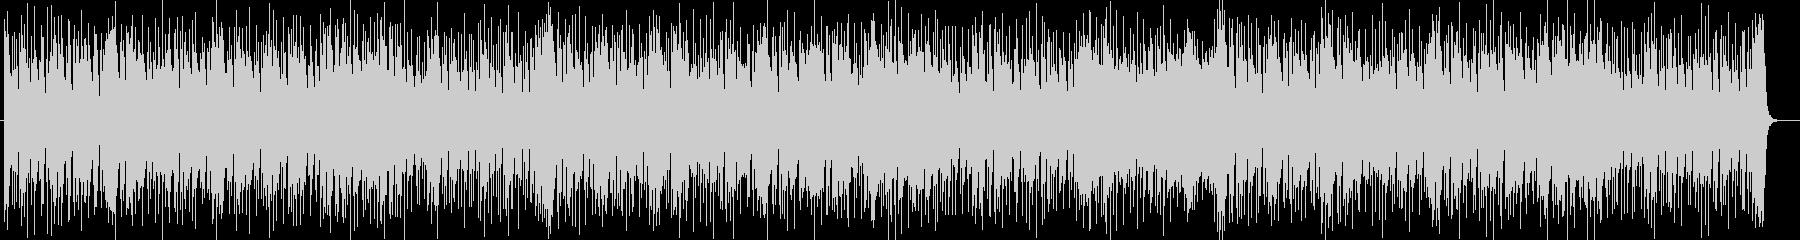 アップテンポなフュージョンポップの未再生の波形